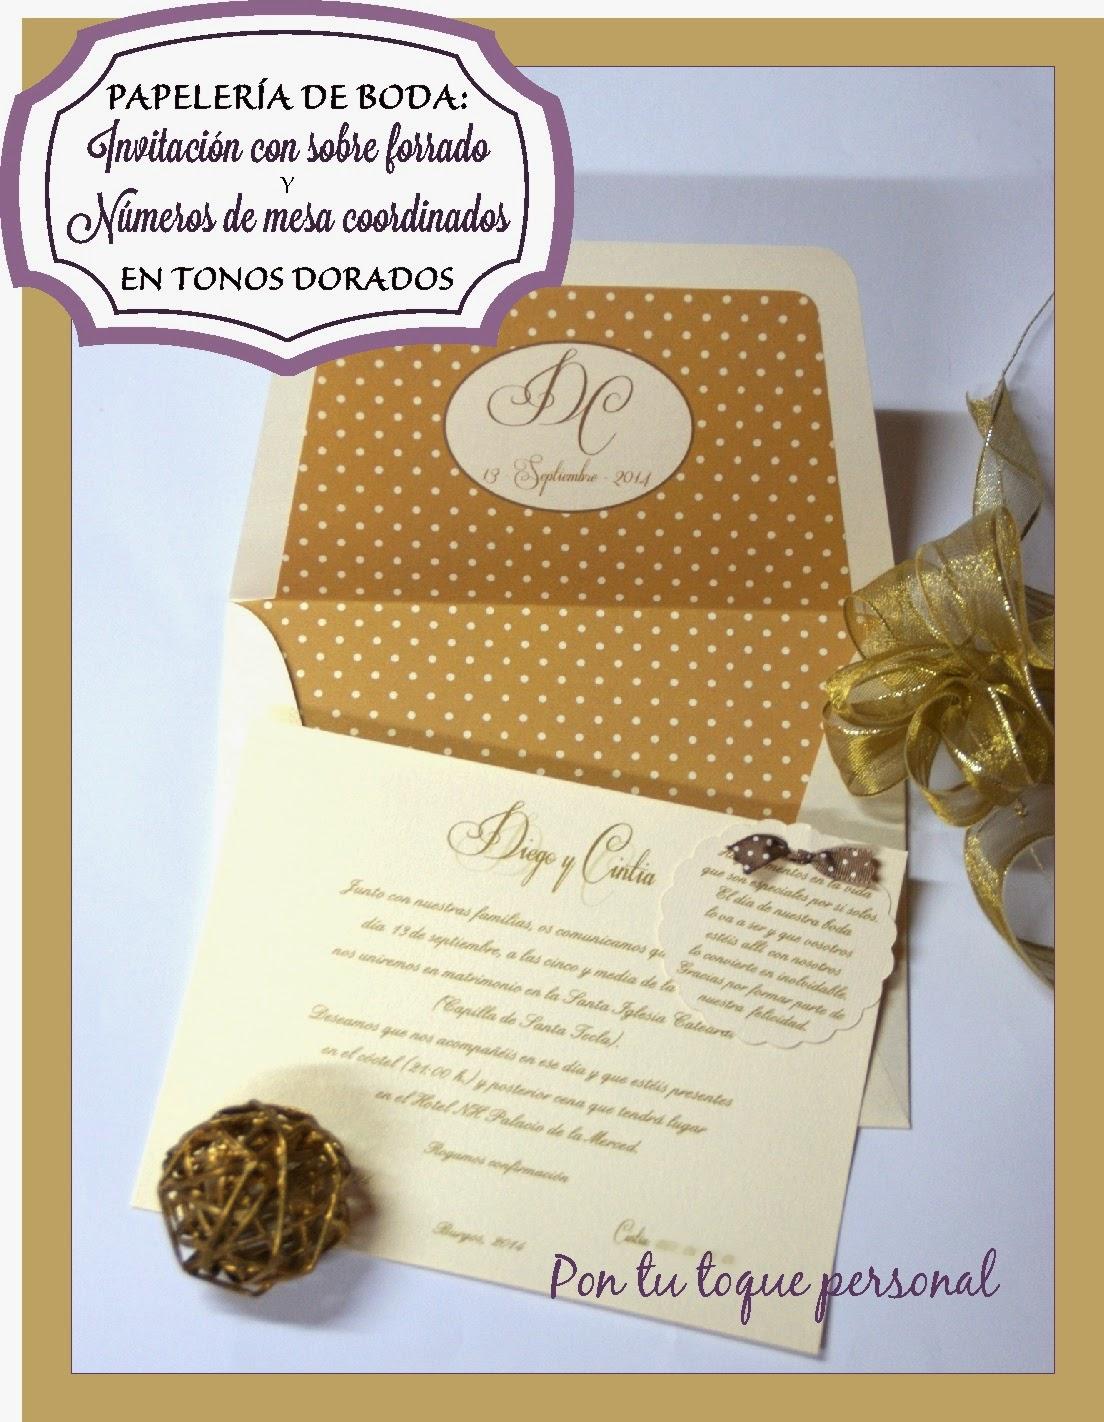 Invitación de boda personalizada con lunares dorados